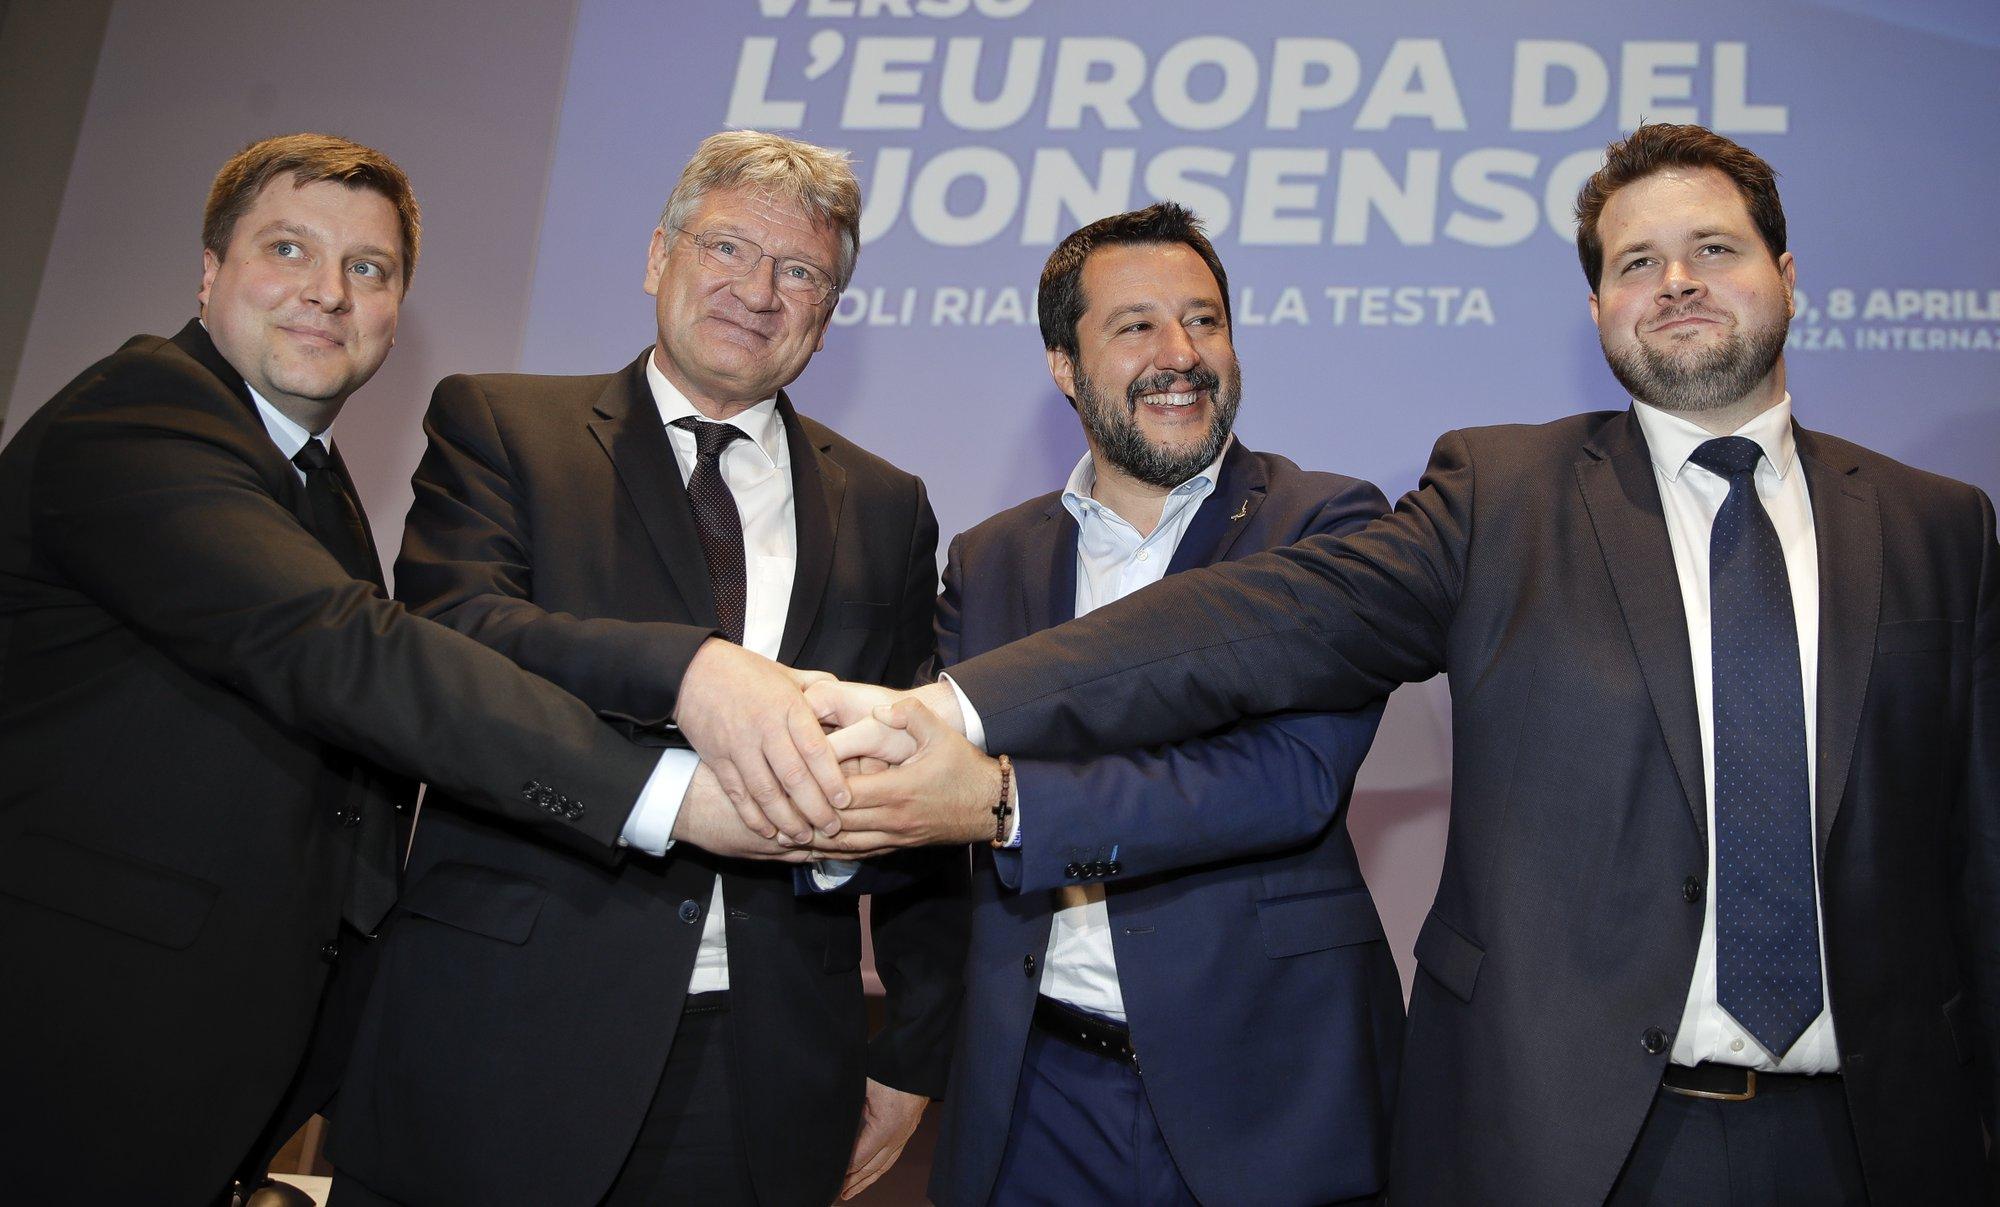 Ο Αντώνης Τριφύλλης καλεί Έλληνες και Ευρωπαίους δημοκράτες να αφυπνιστούν και στις Ευρωεκλογές με την ψήφο τους να ανακόψουν την ενίσχυση των ακροδεξιών κομμάτων που εργάζονται για την επανίδρυση της Ευρωπαϊκής Μαύρης Διεθνούς. new deal